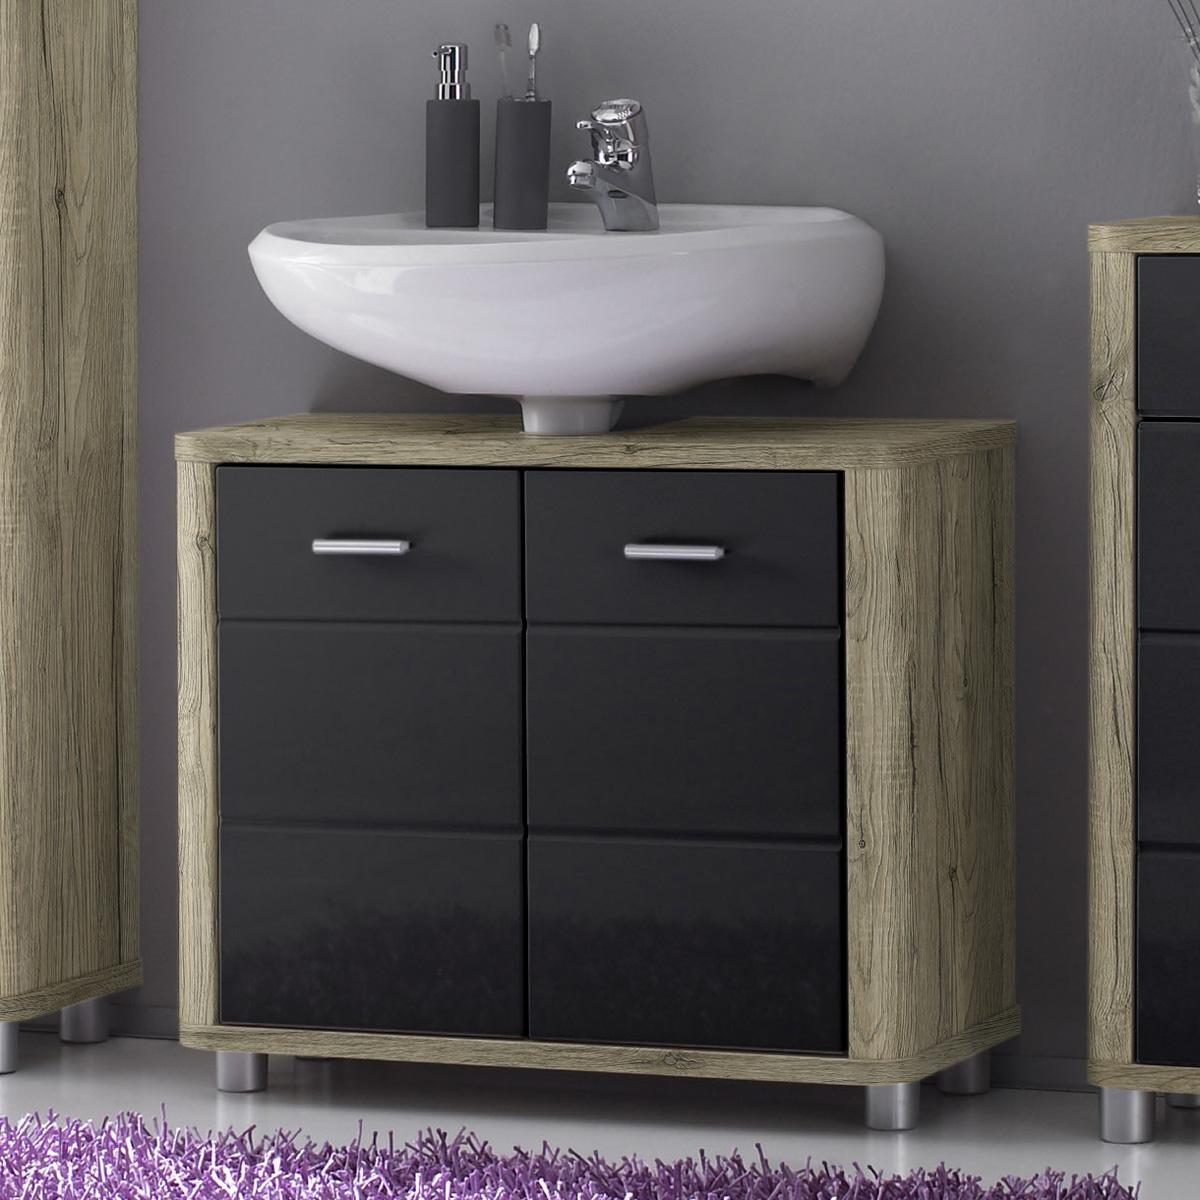 Badezimmer vital bad kommode hochschrank unterschrank for Spiegel unterschrank